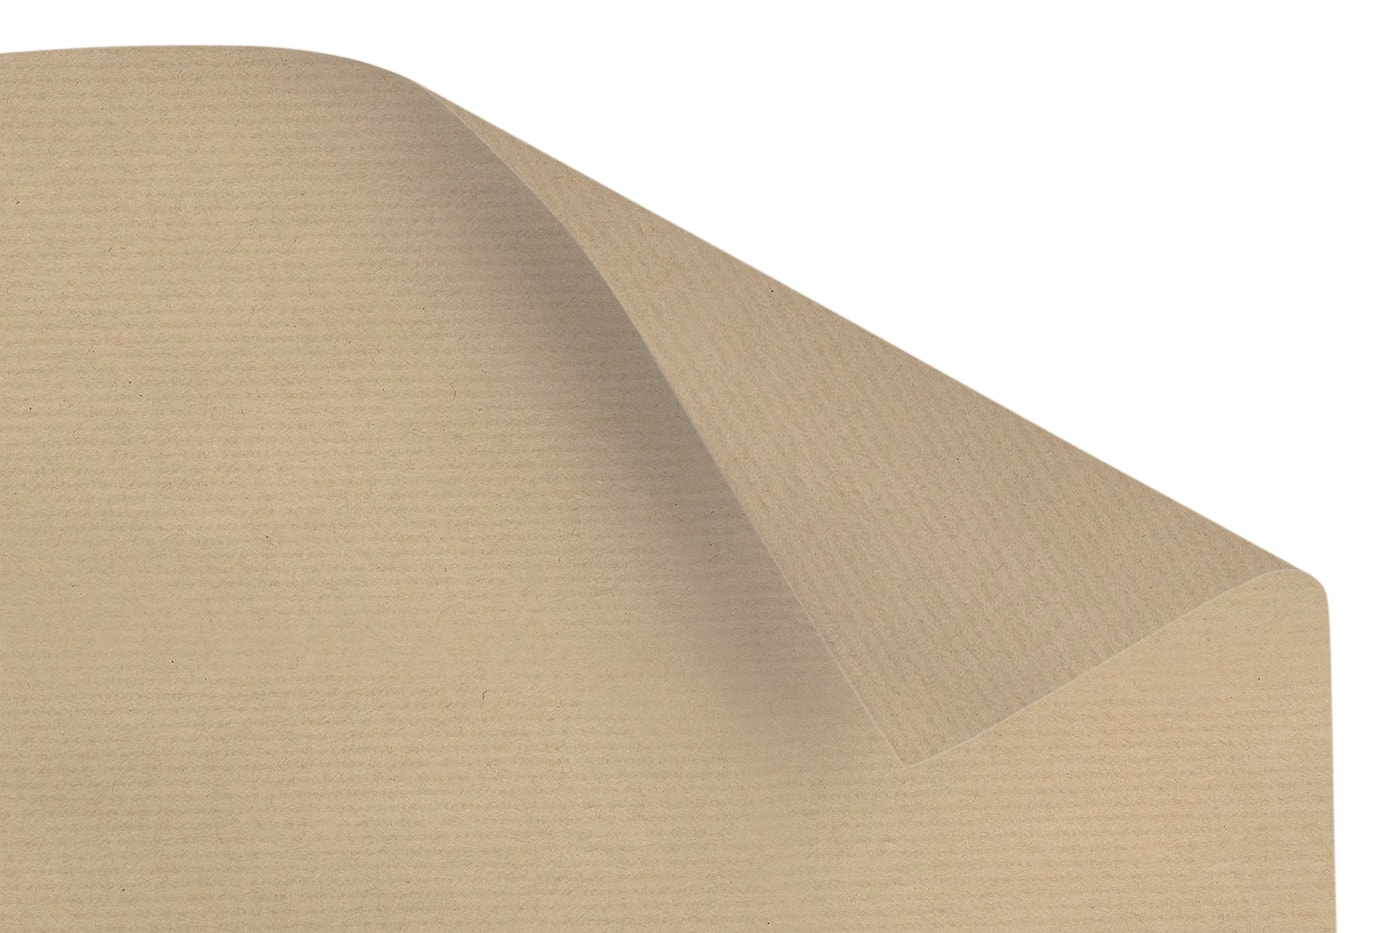 Schablonenpapier 120g/m² 150cm 100m